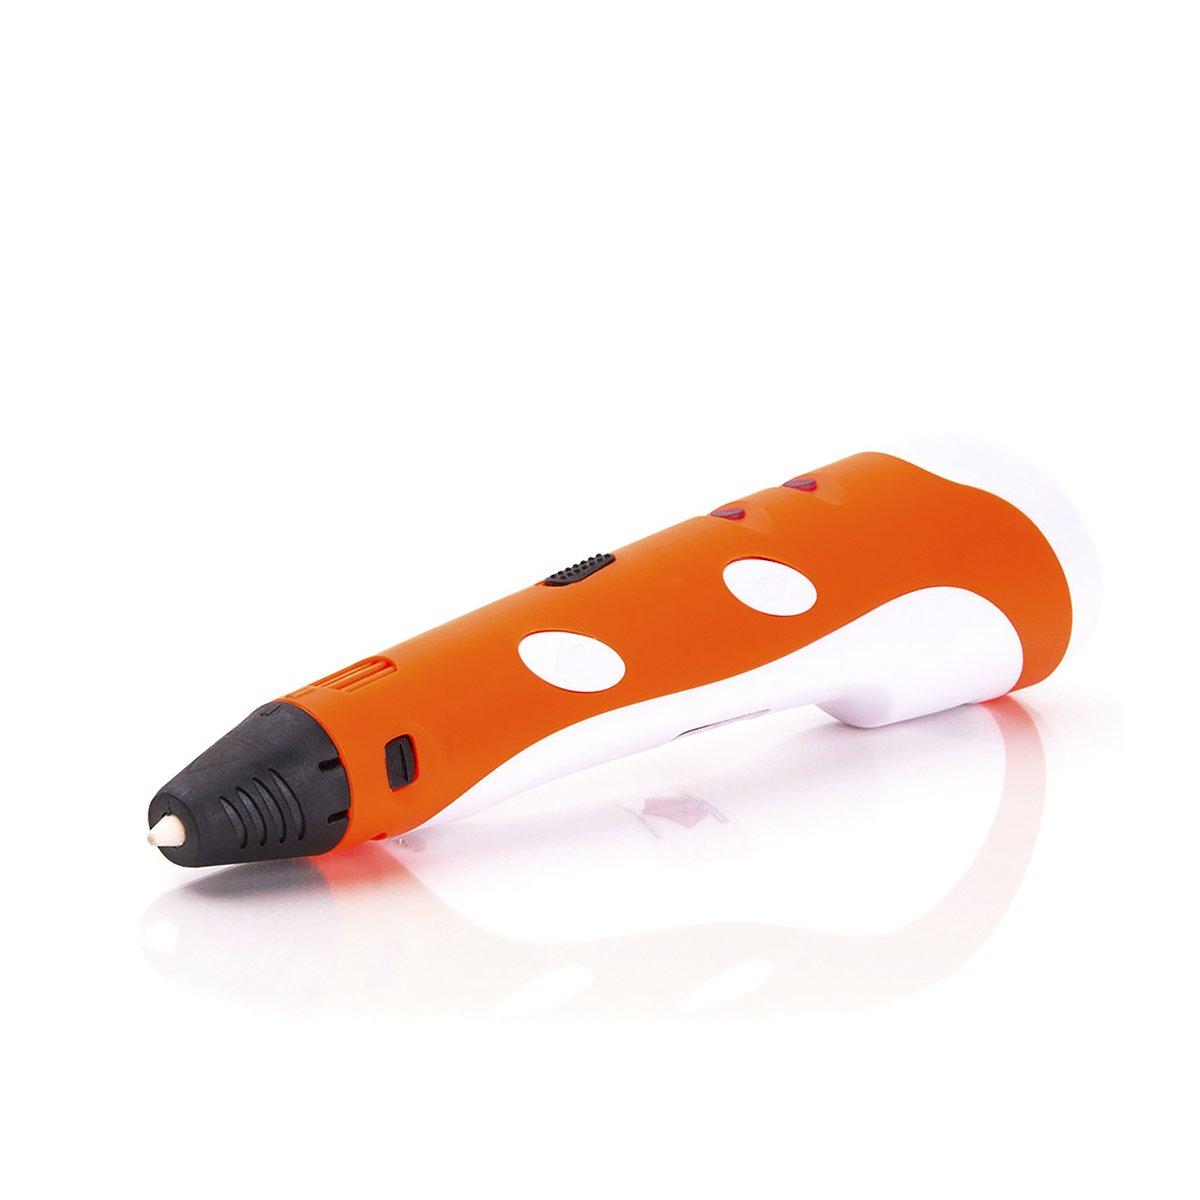 3D ручка Spider Pen START, оранжевая [1300O]